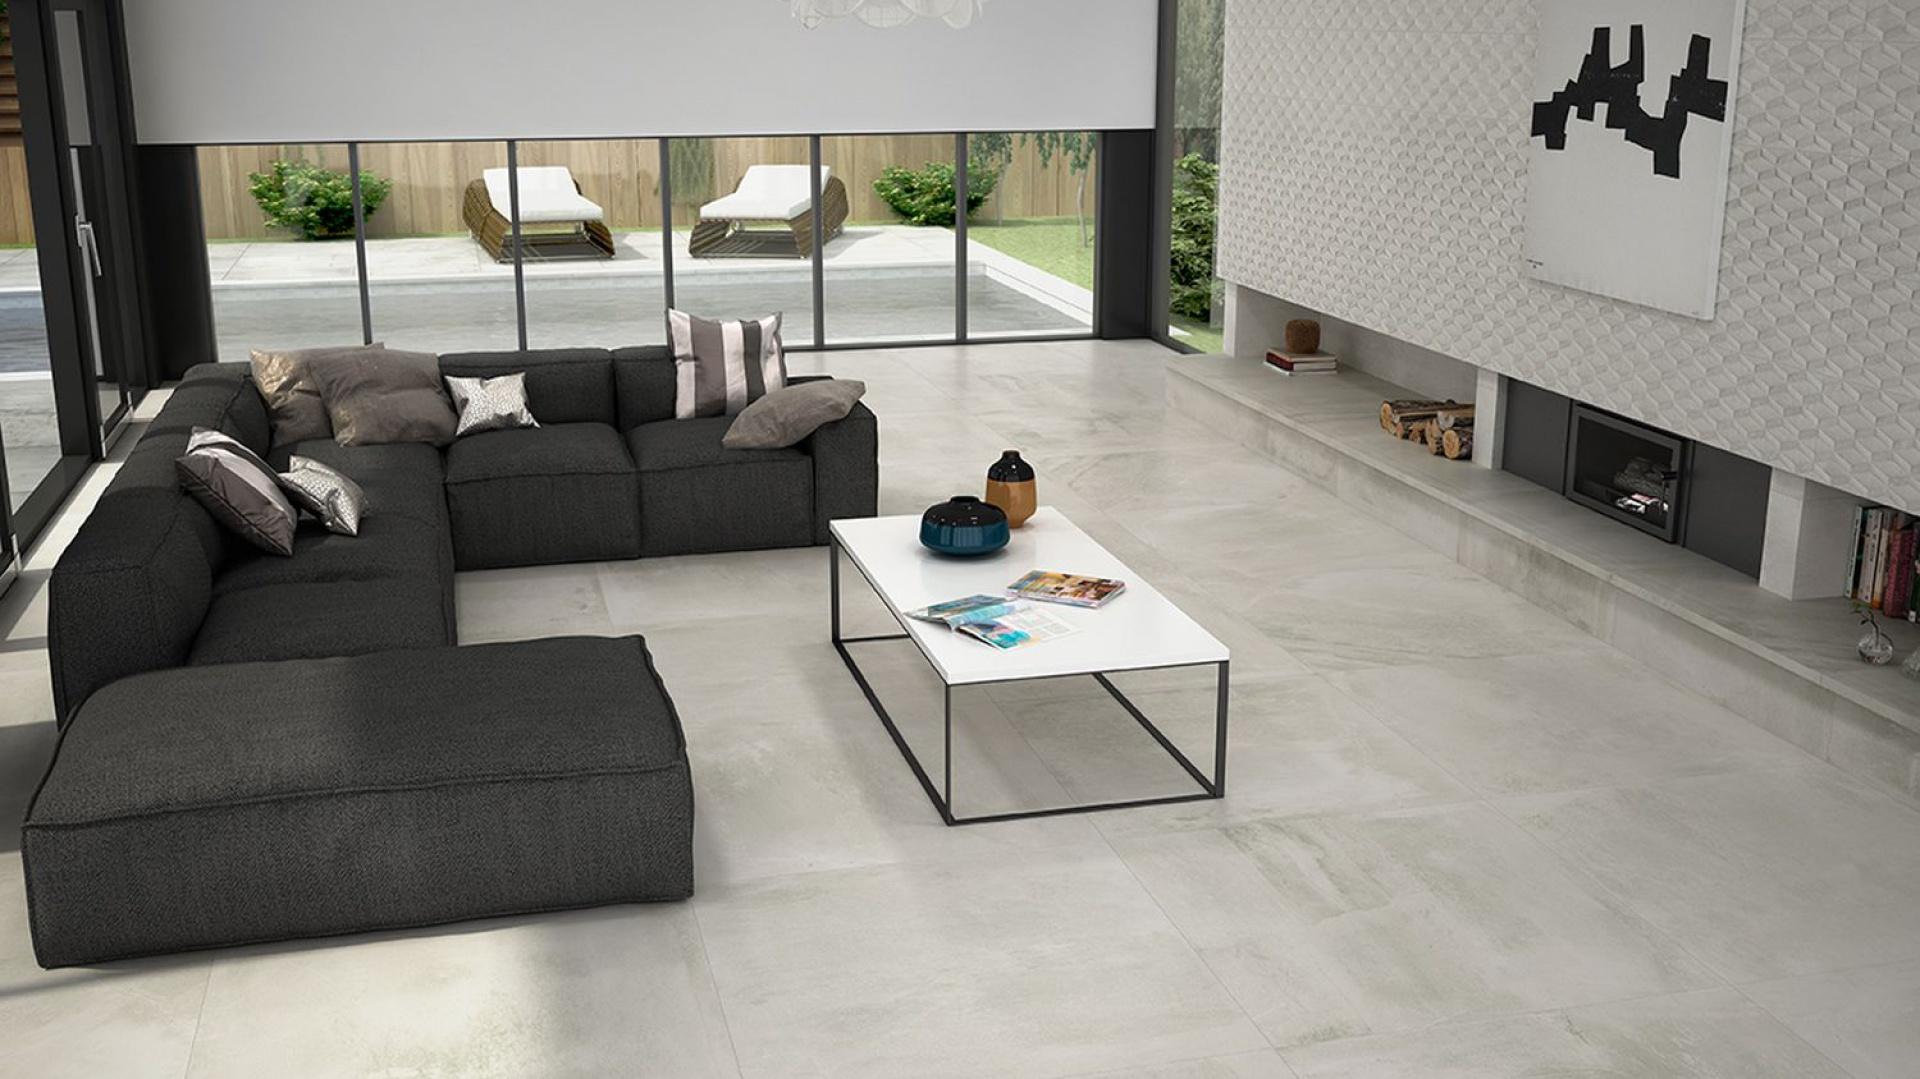 Podłogę zdobią szare płytki, imitujące swoją przetartą fakturą beton, a ścianę wykończono z kolei prostokątnymi płytkami z efektem rombu w 3D. Jedne i drugie pochodzą z kolekcji Mixing. Fot. Aparici.